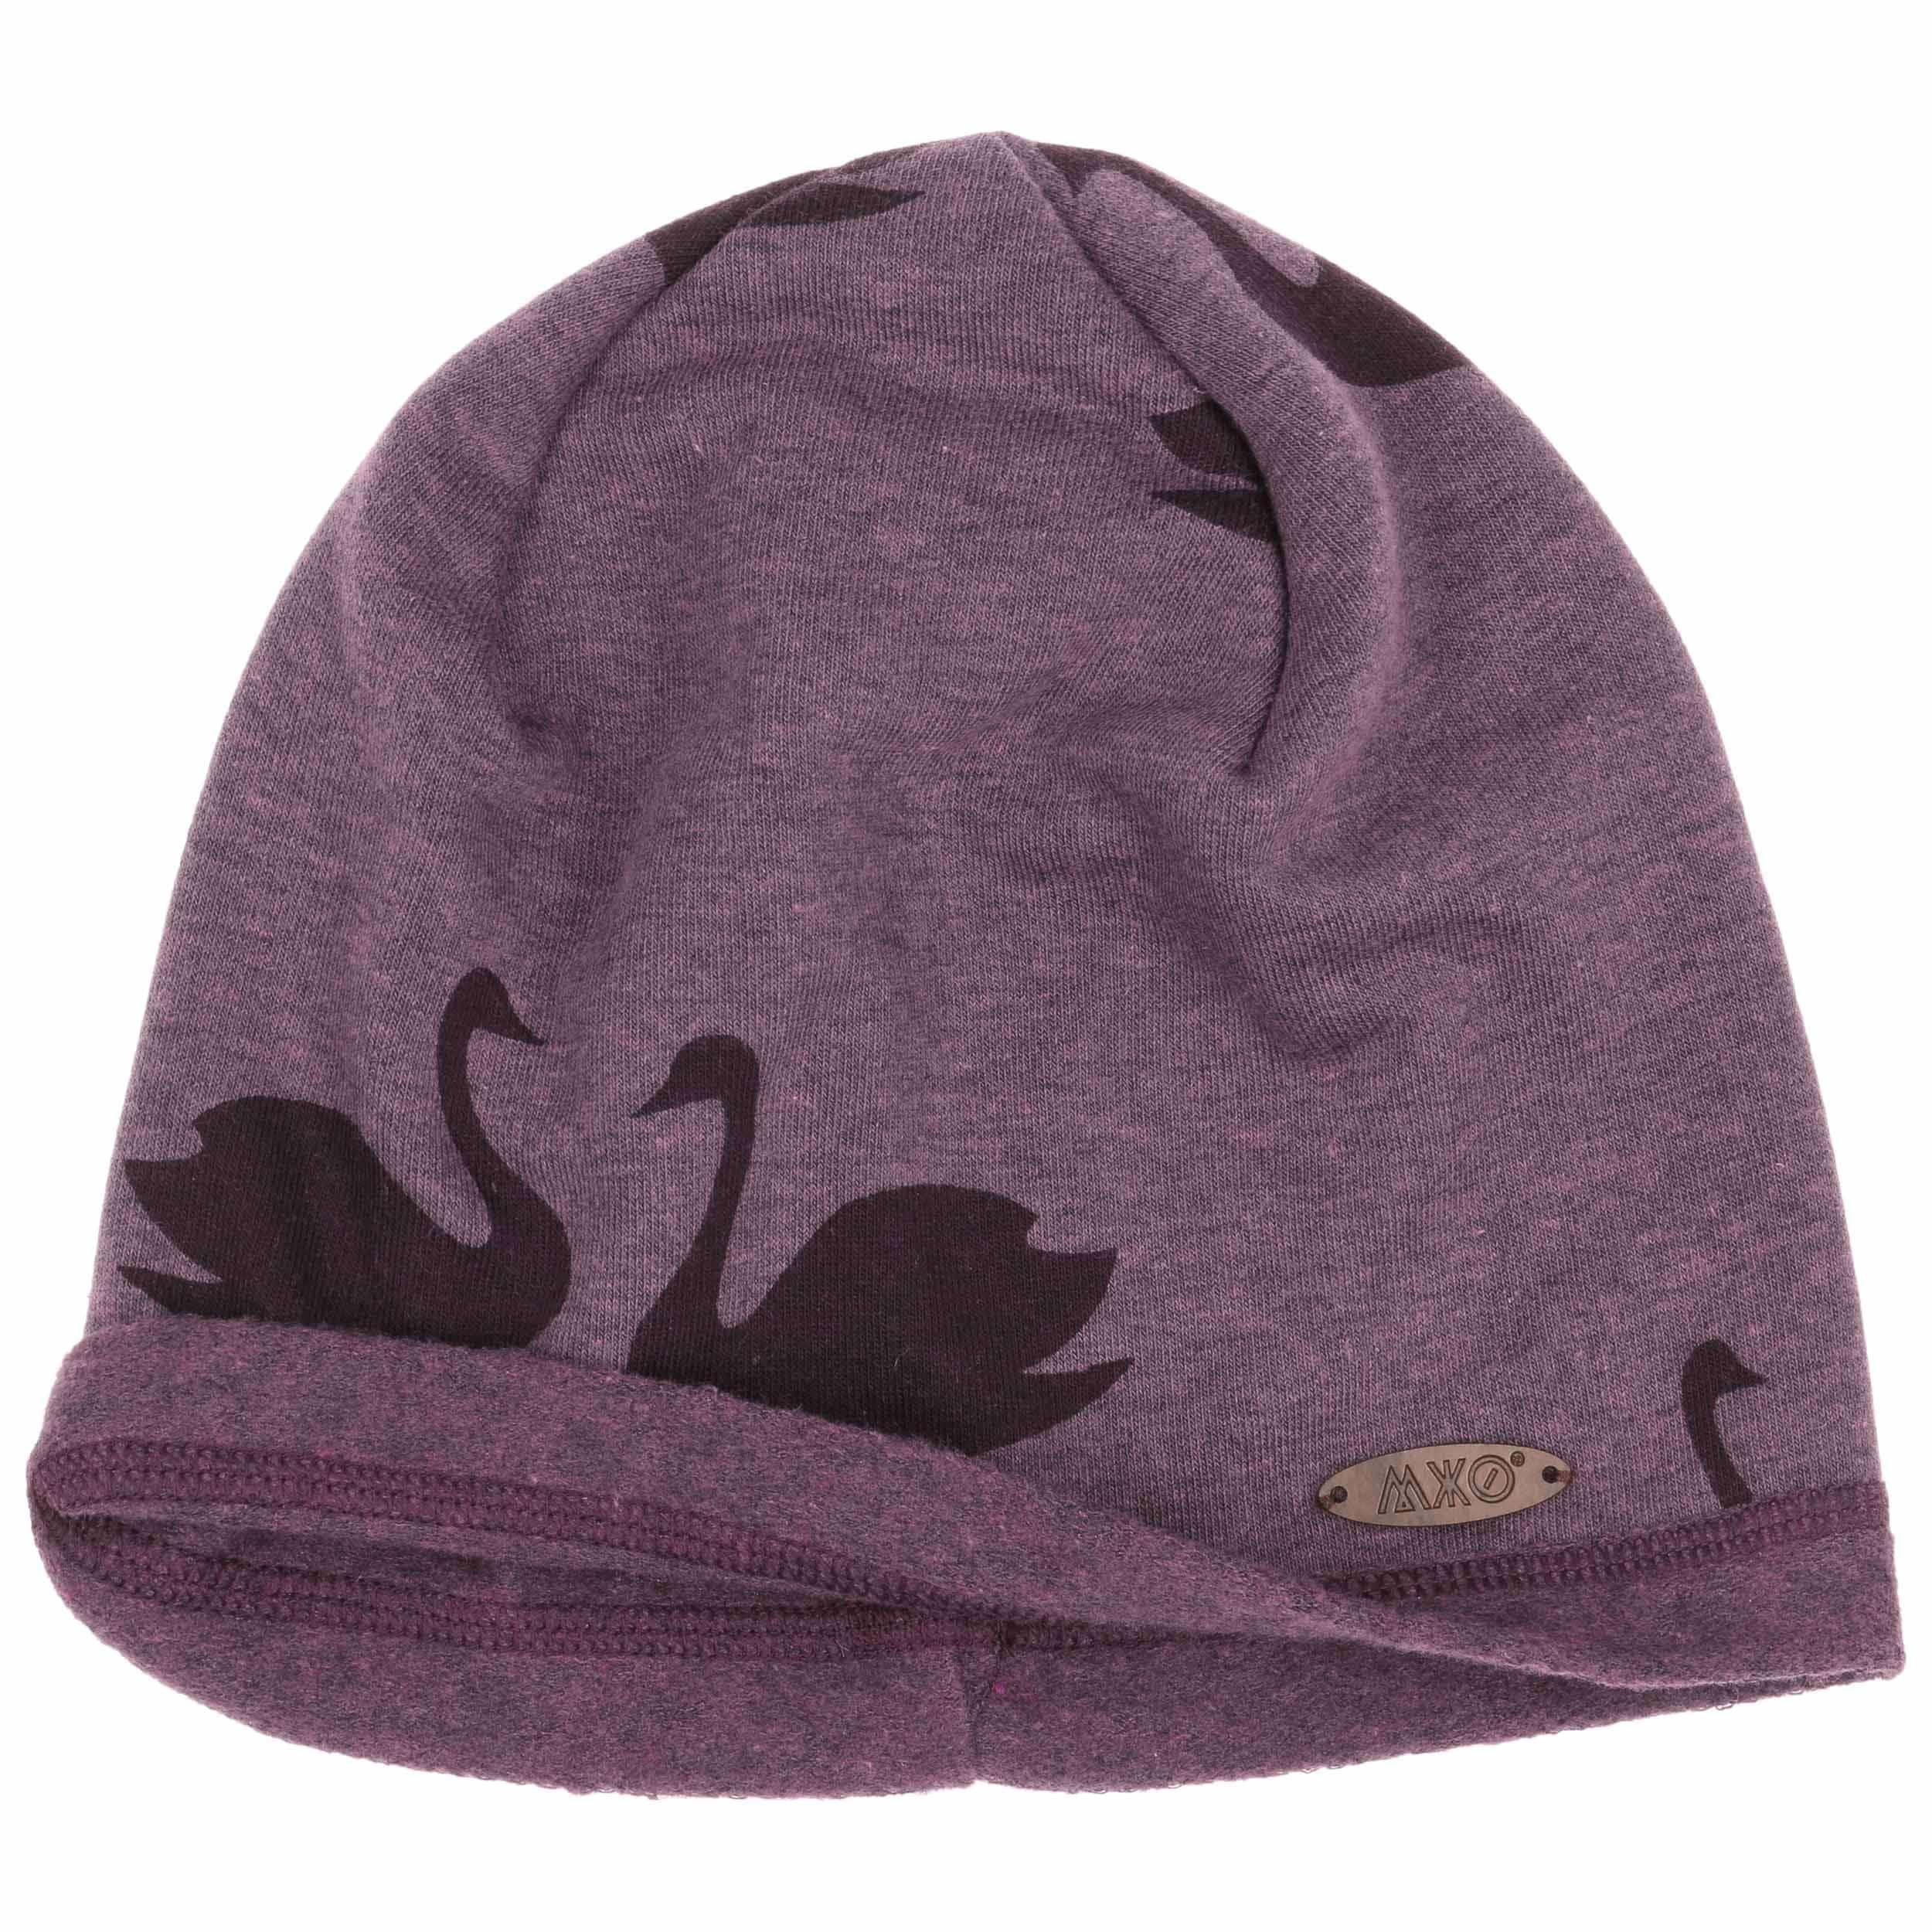 Gorro de Niño Jersey Swan by maximo - Gorros - sombreroshop.es d726516d025